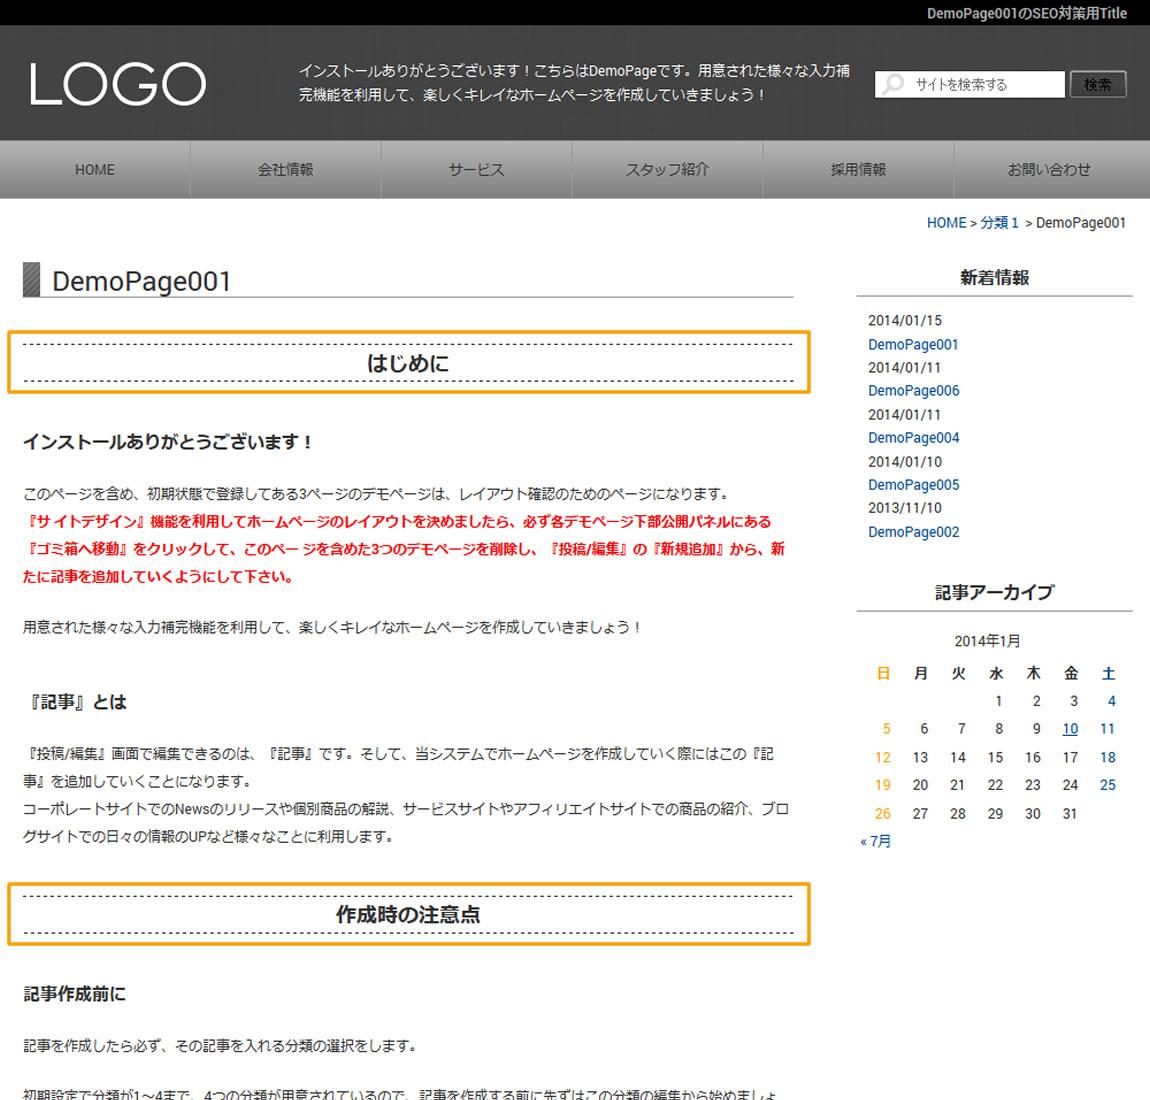 CSSマニュアル:大見出し[記事内]使用例 - borderを利用したデザイン